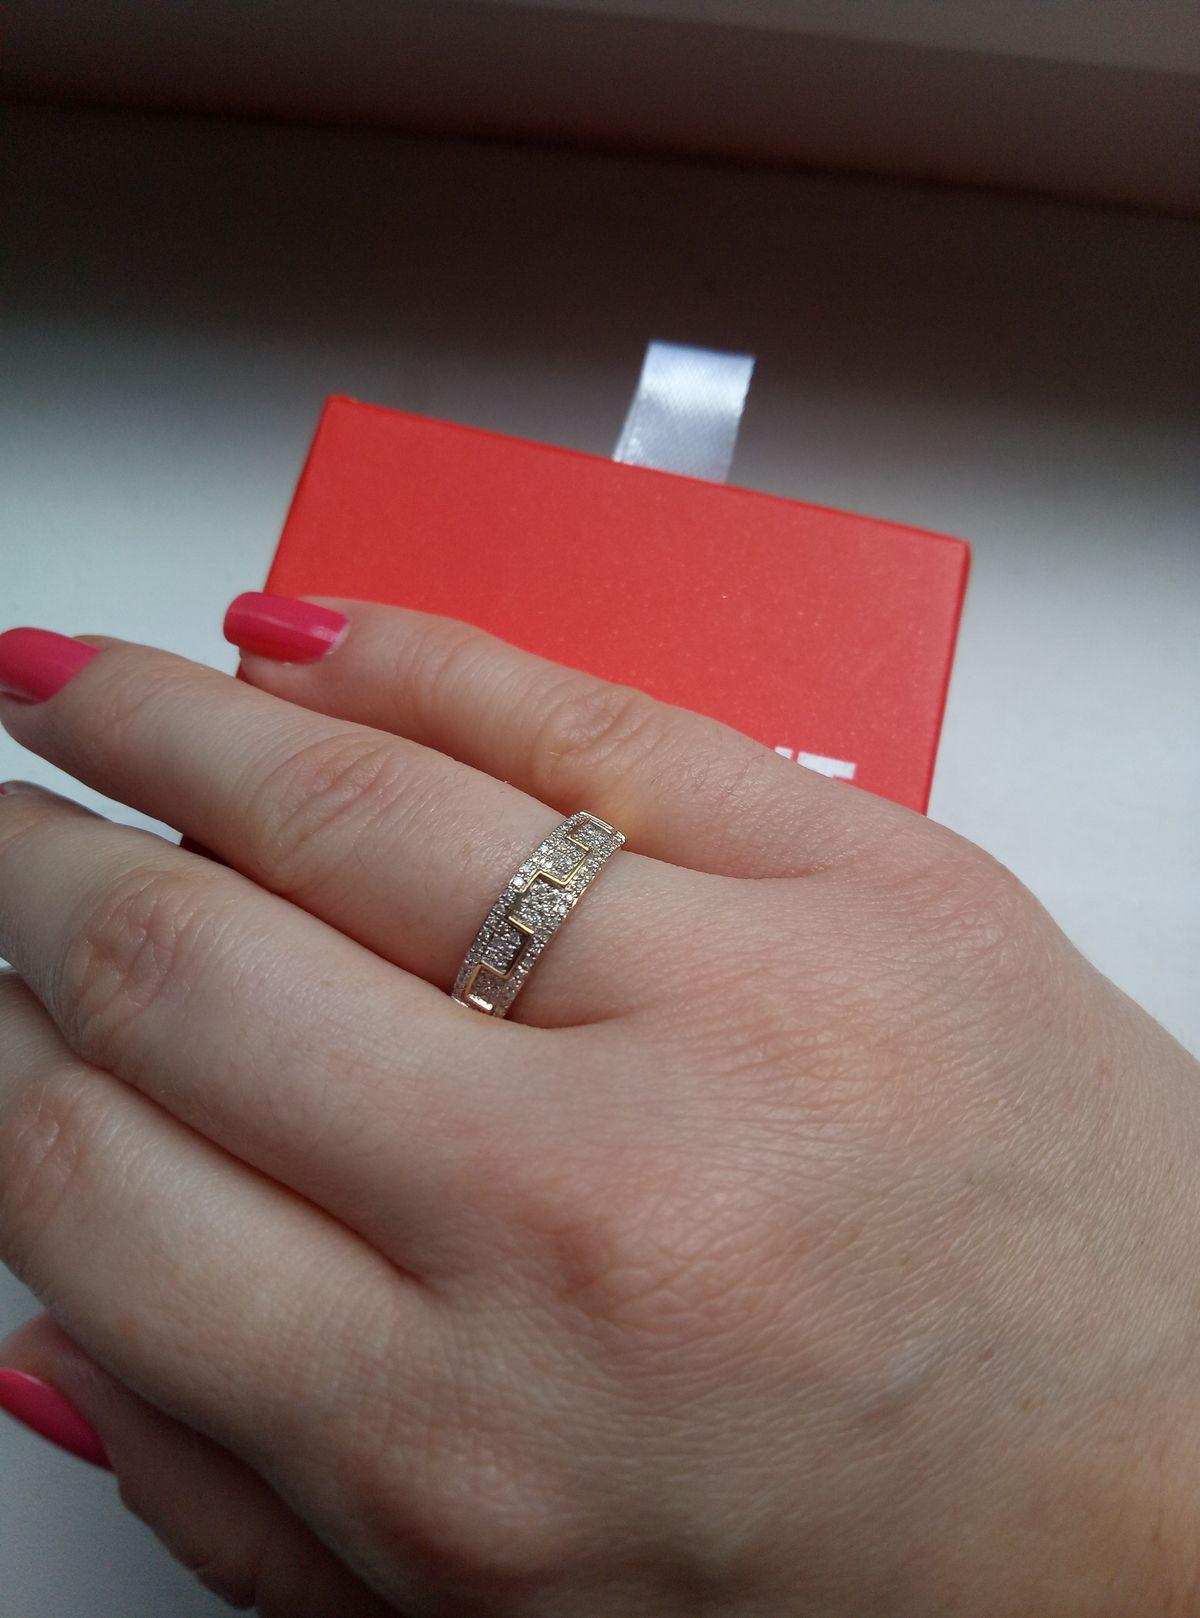 Очень крутое кольцо я довольна